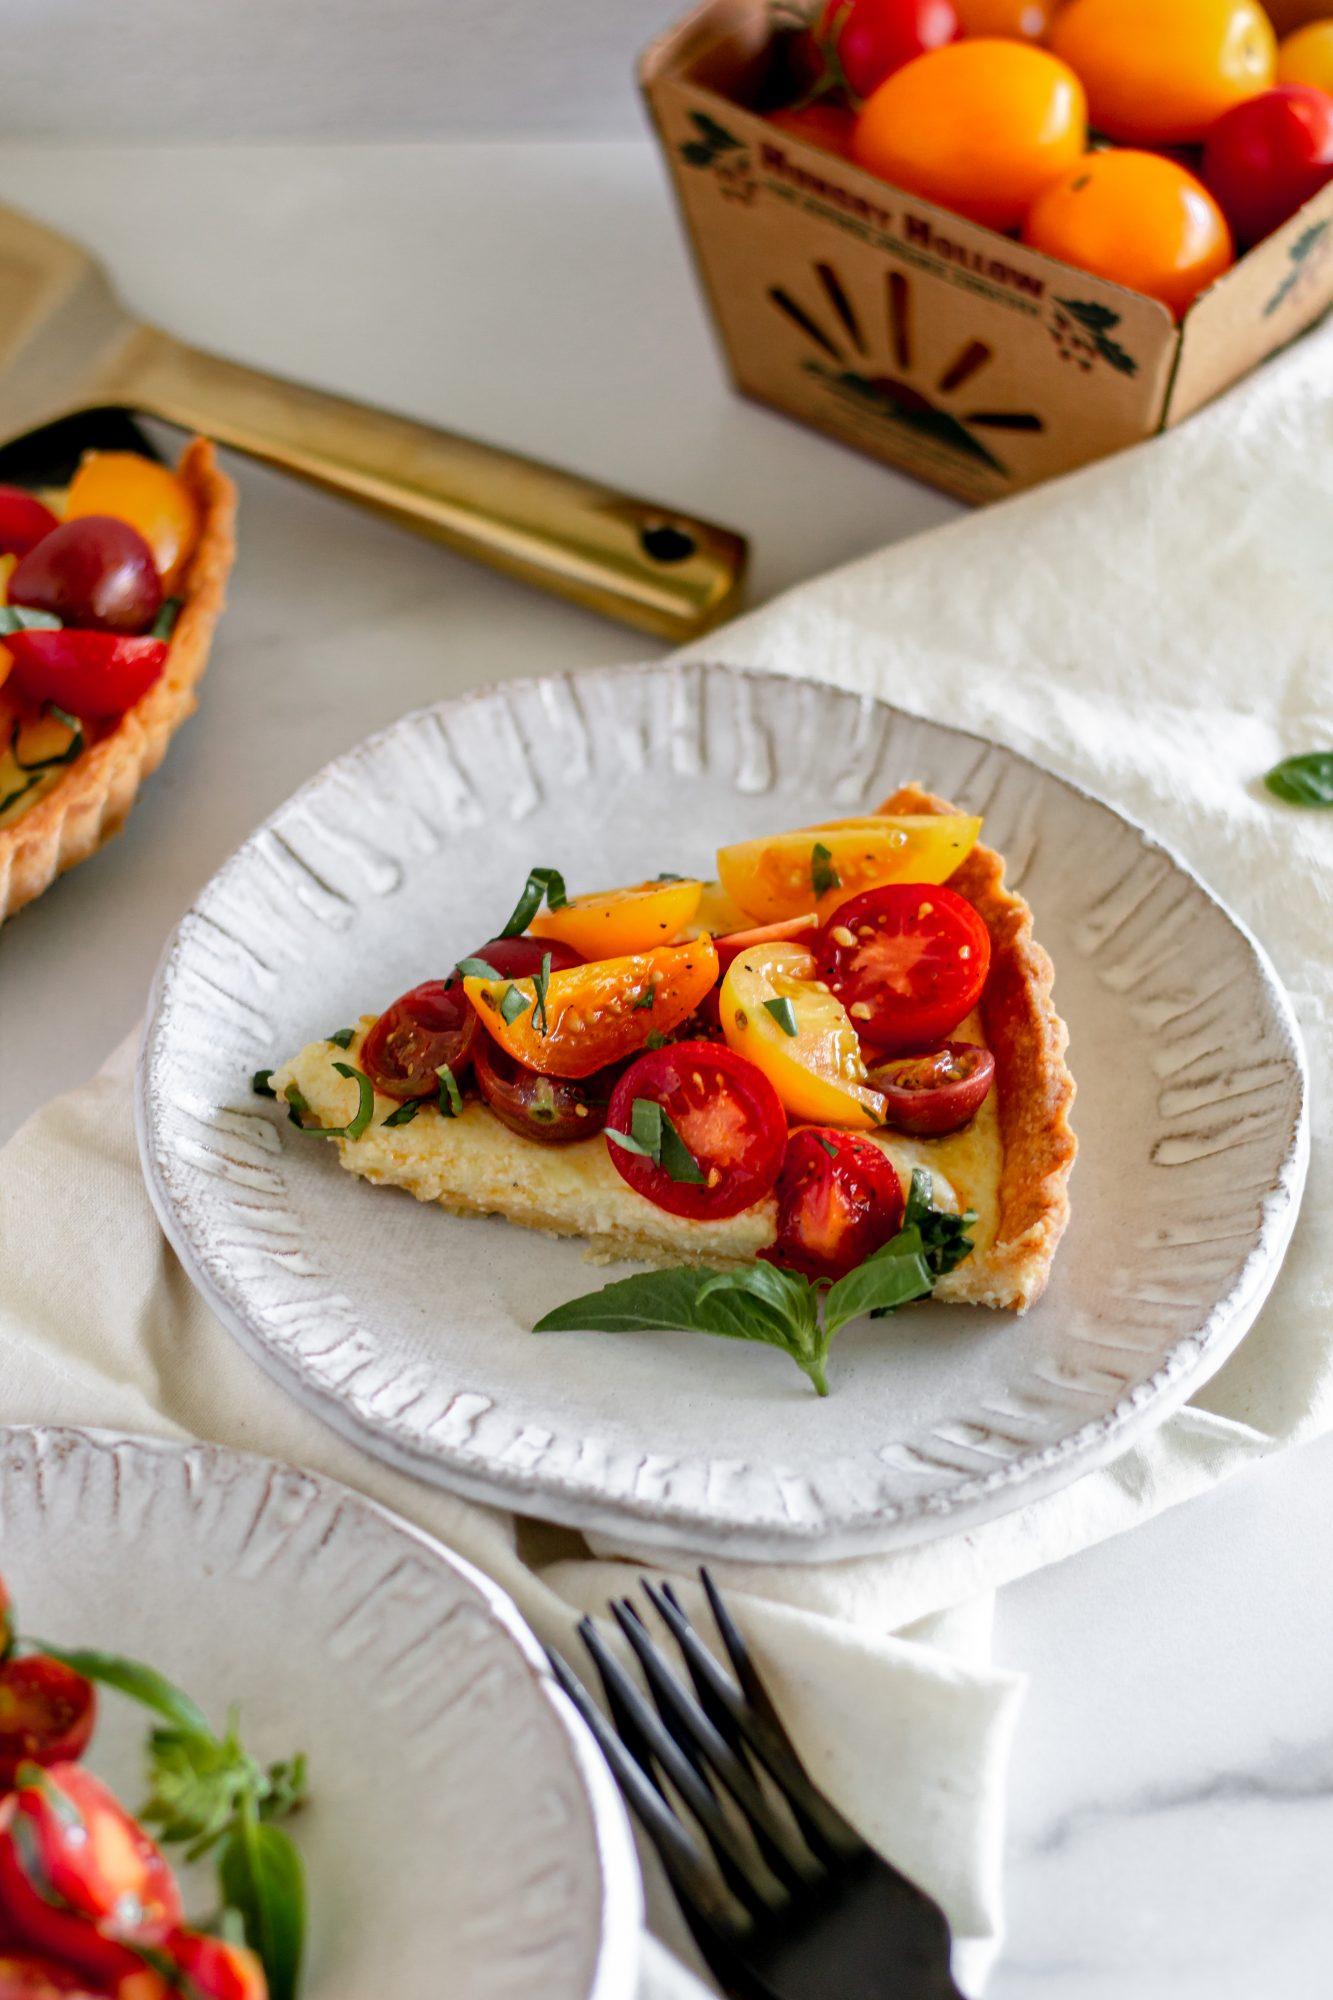 slices of tomato pie